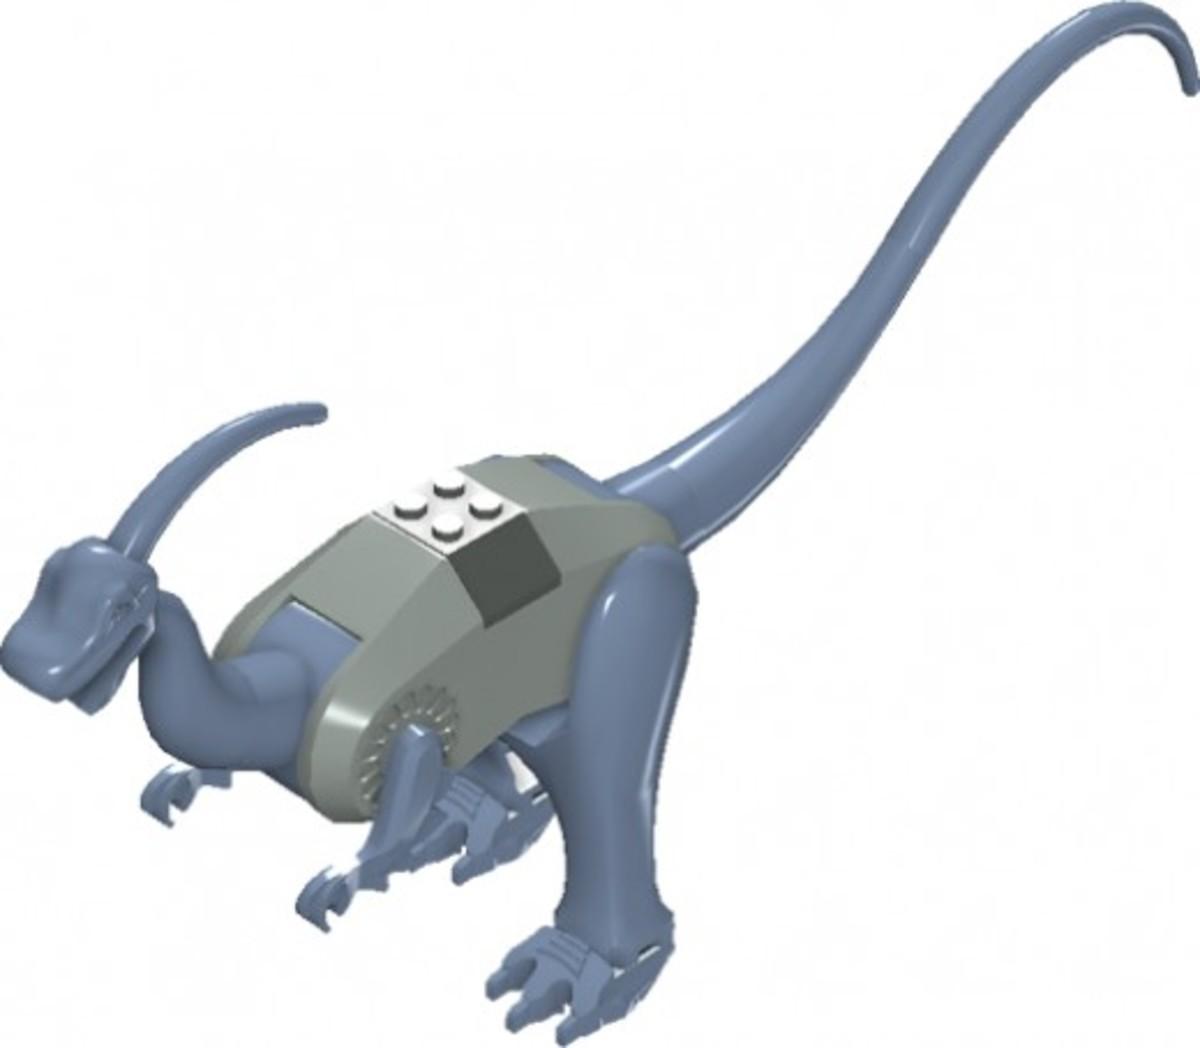 LEGO Dinosaurs Parasaurolophus 6720 Assembled